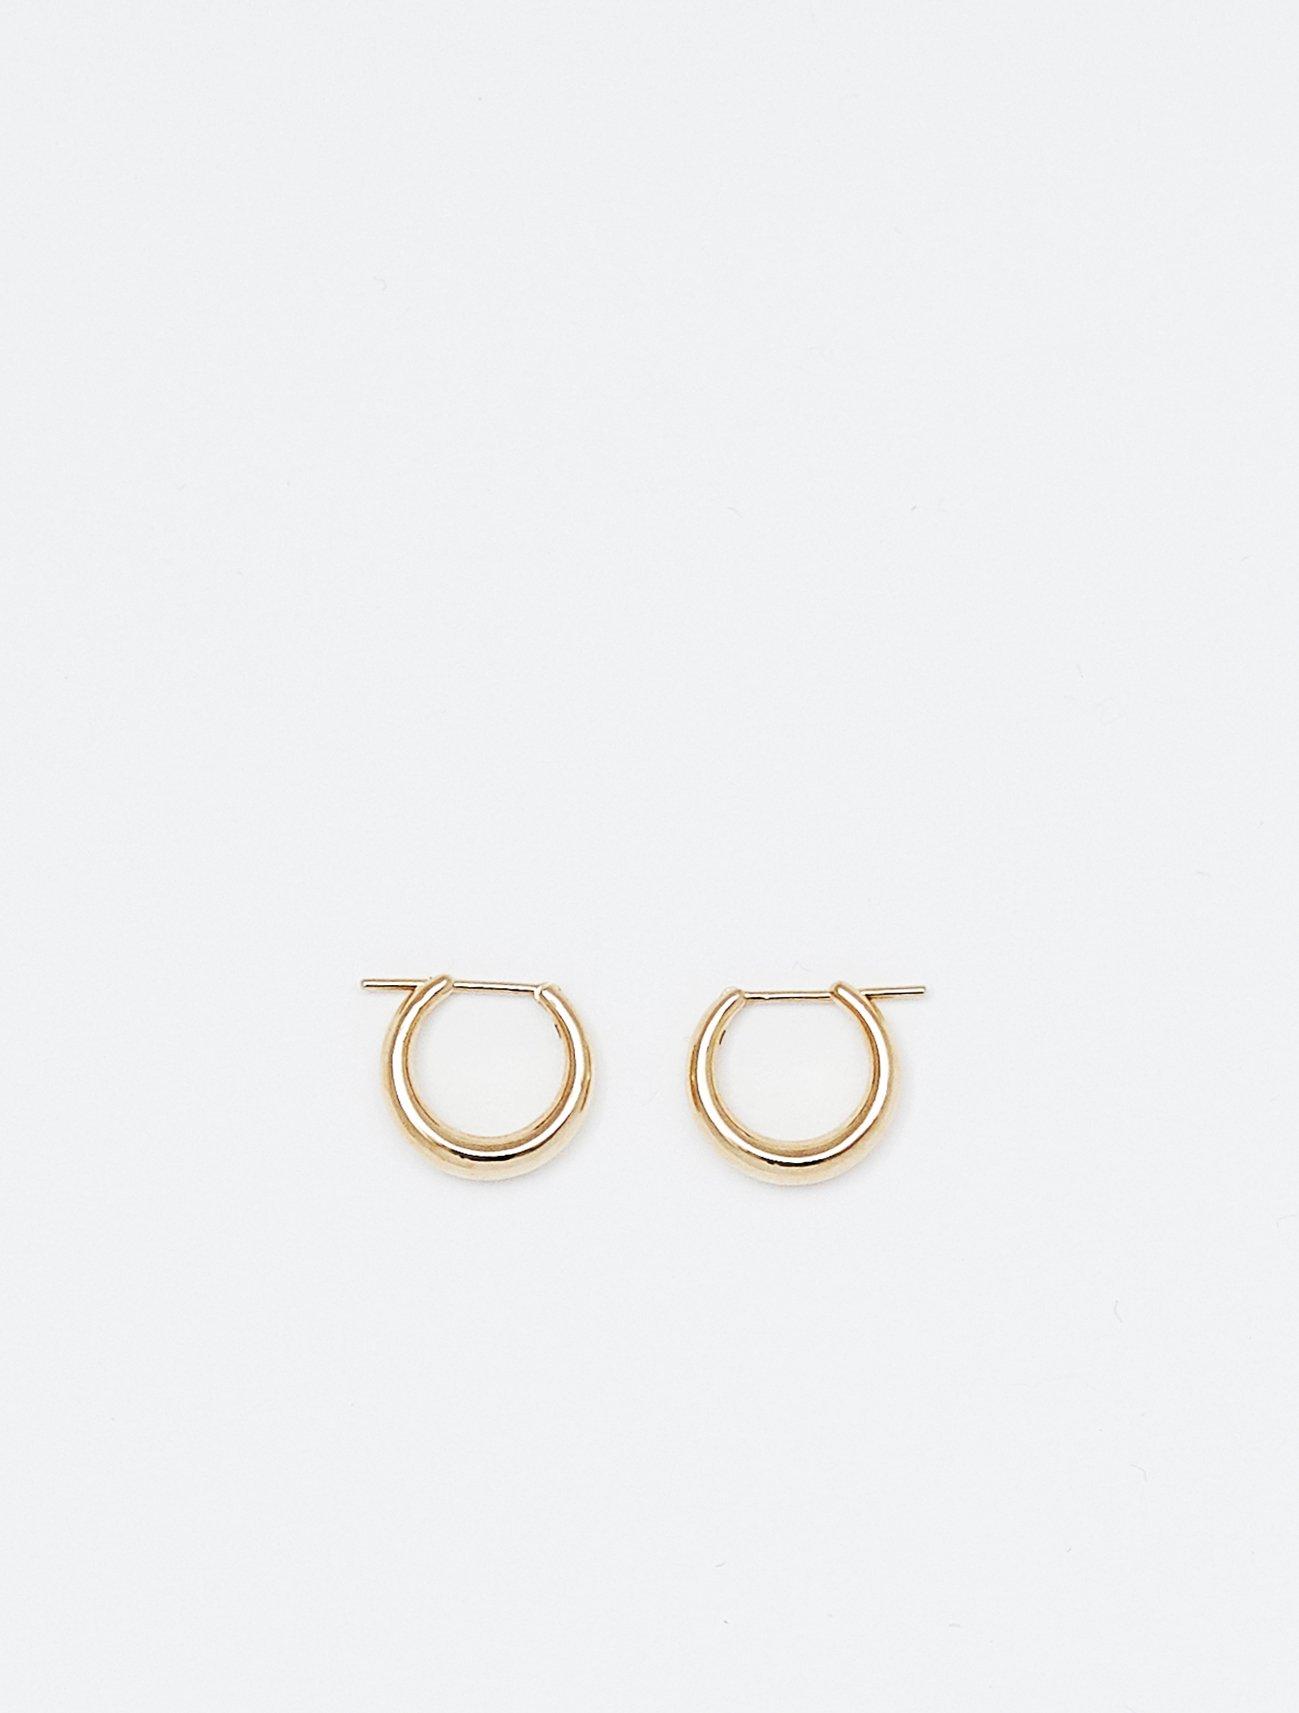 SOPHISTICATED VINTAGE / Authentic petit hoop earring